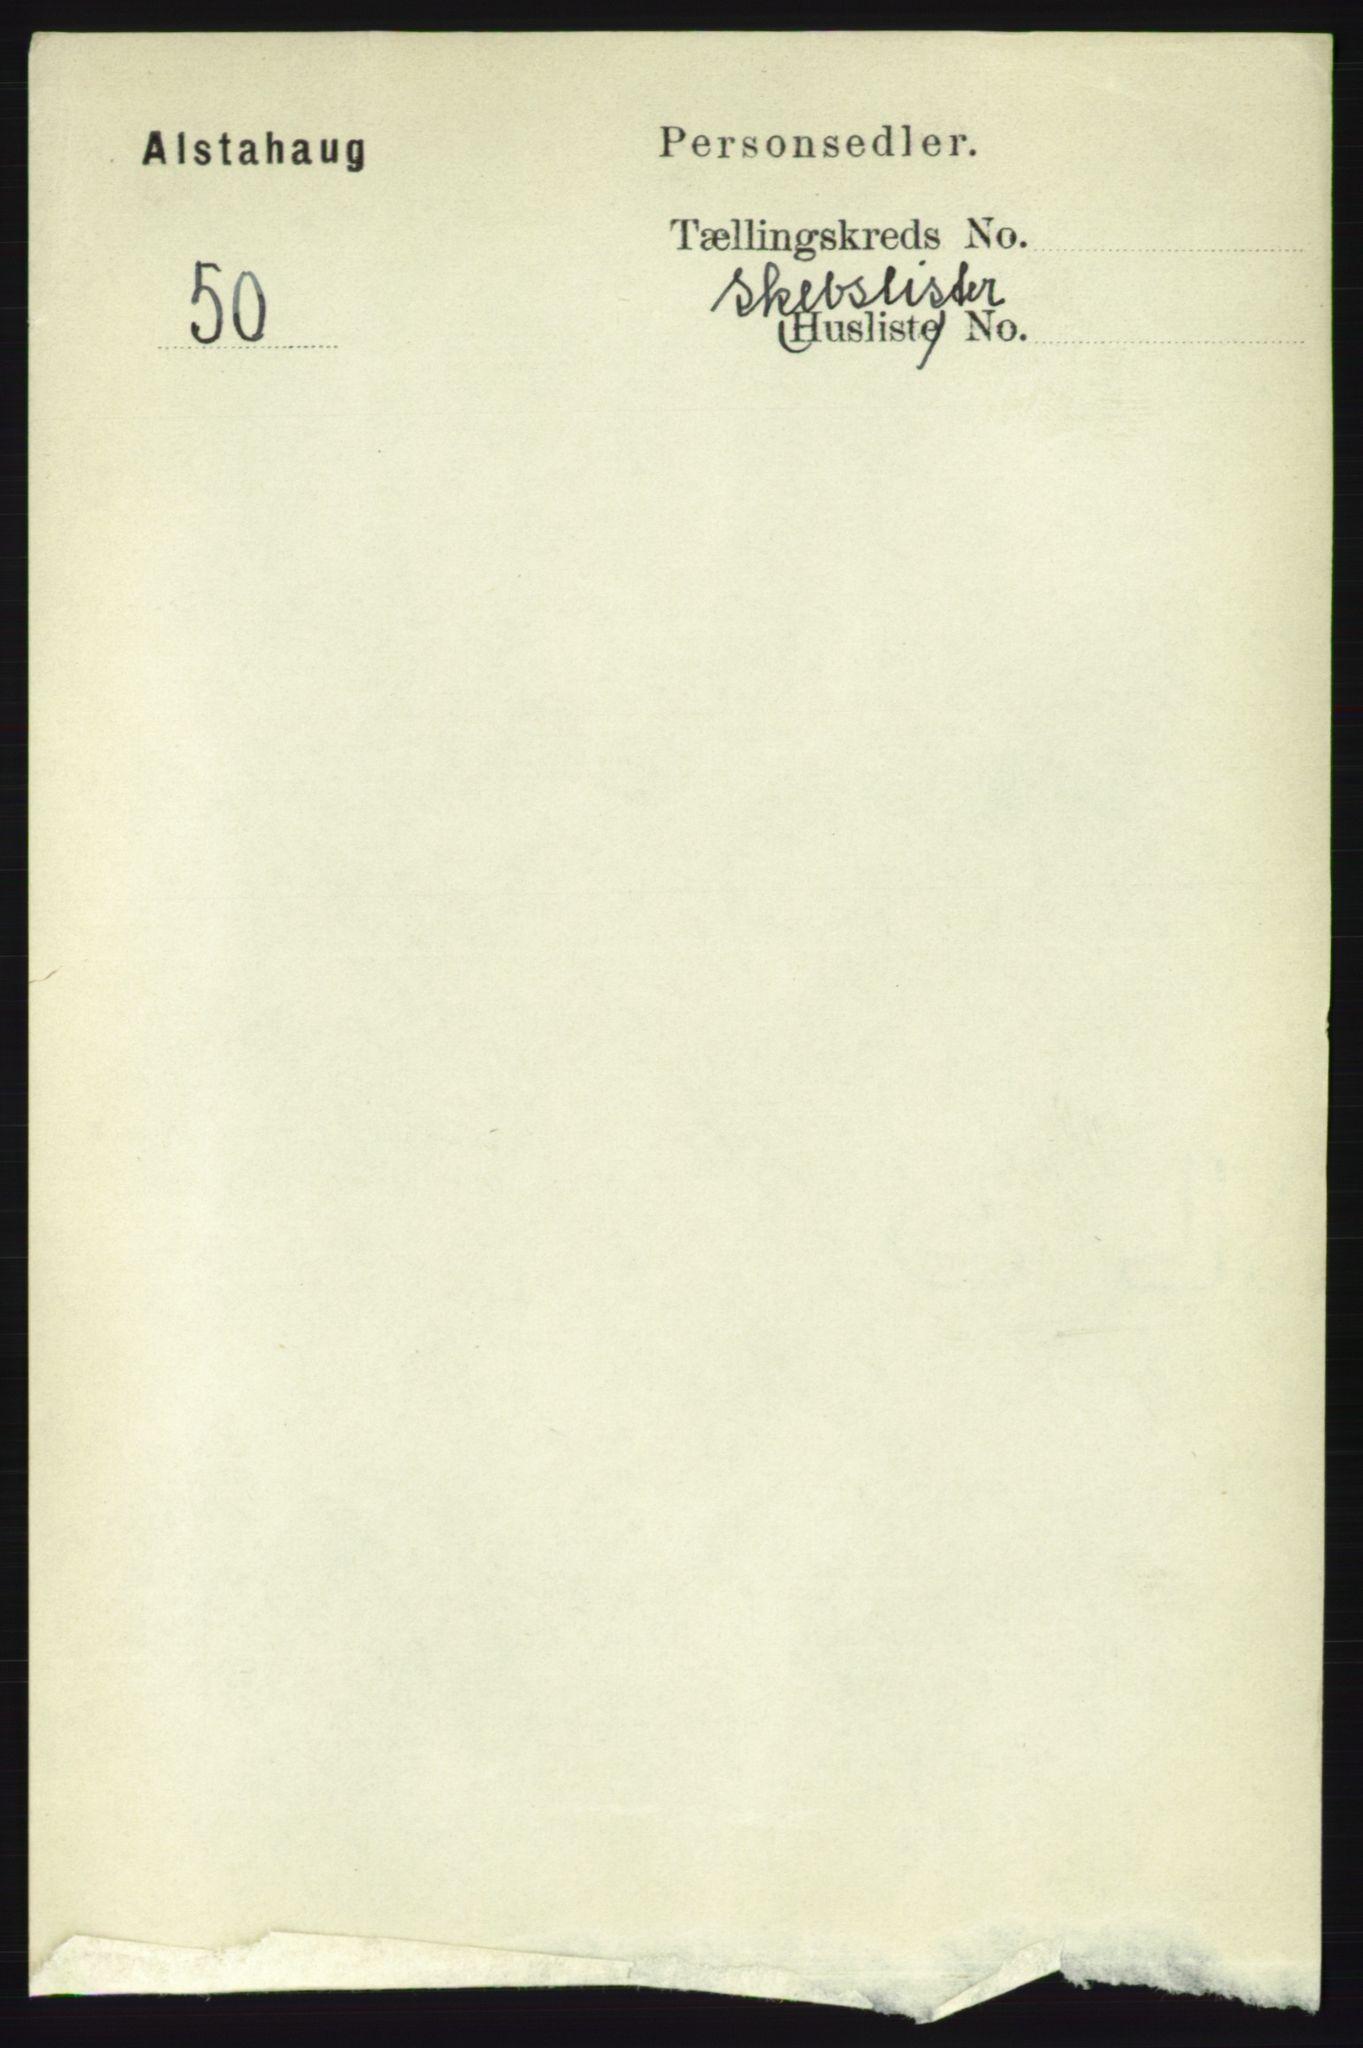 RA, Folketelling 1891 for 1820 Alstahaug herred, 1891, s. 5251